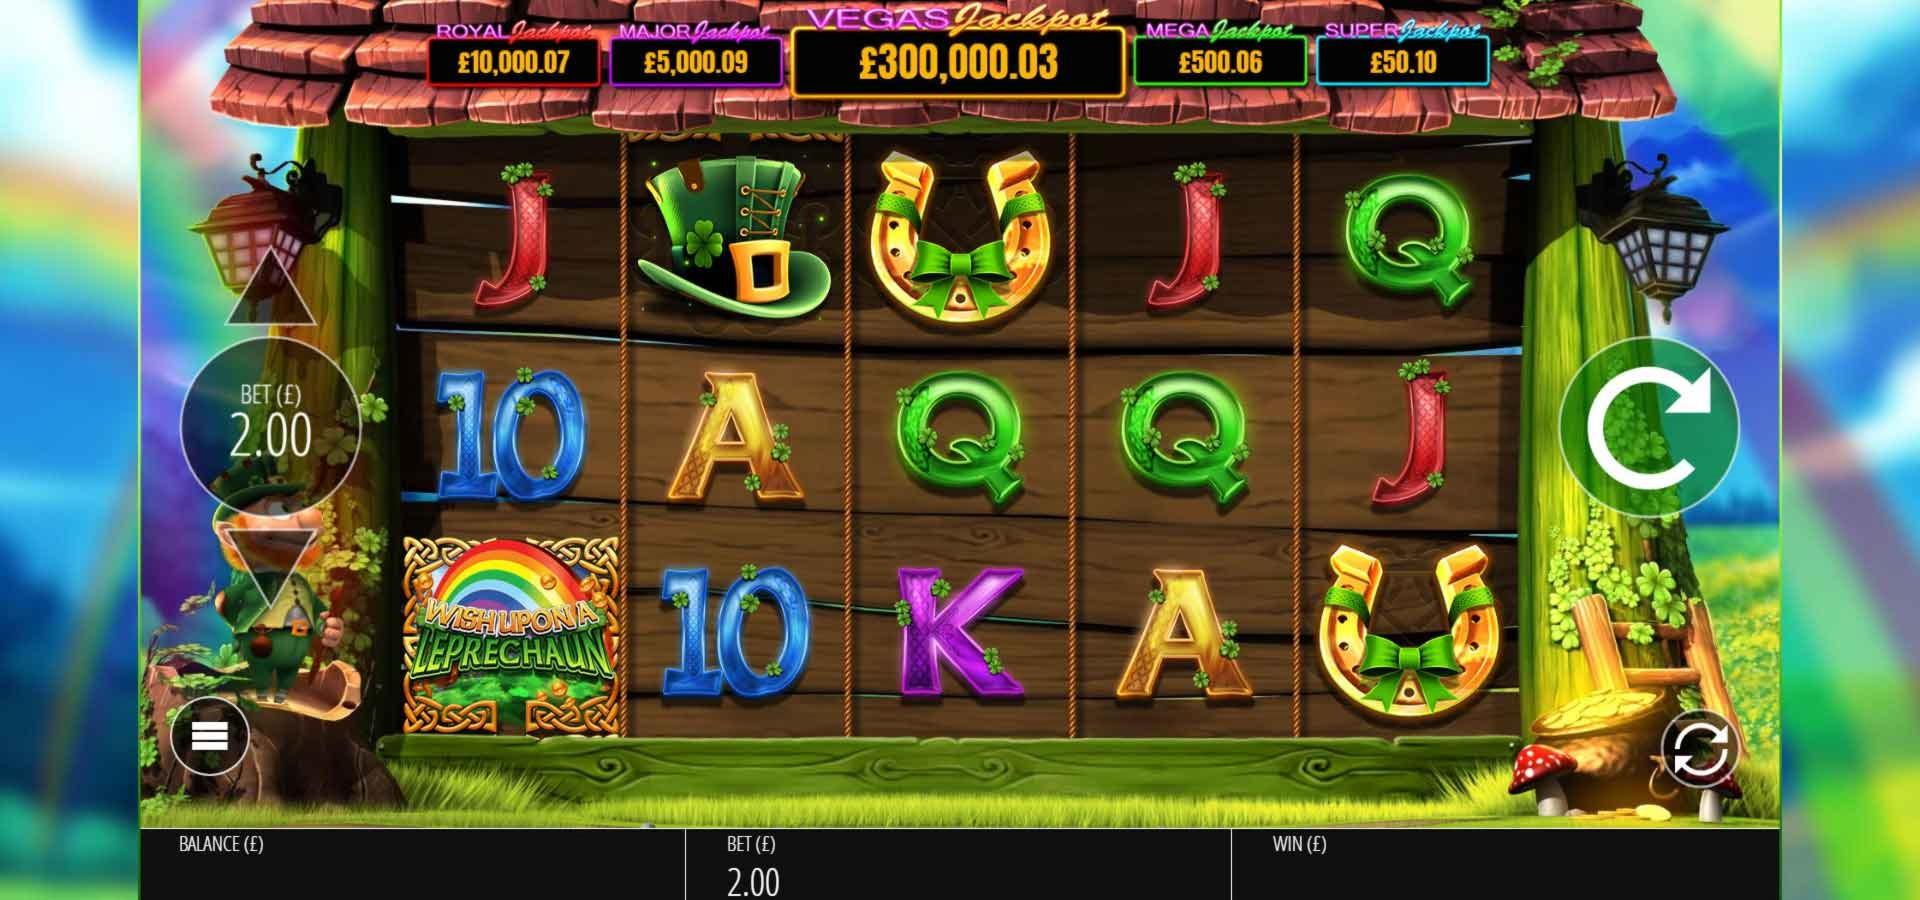 $ 2785 nuk ka bonus për kazino depozitash në Casino.com